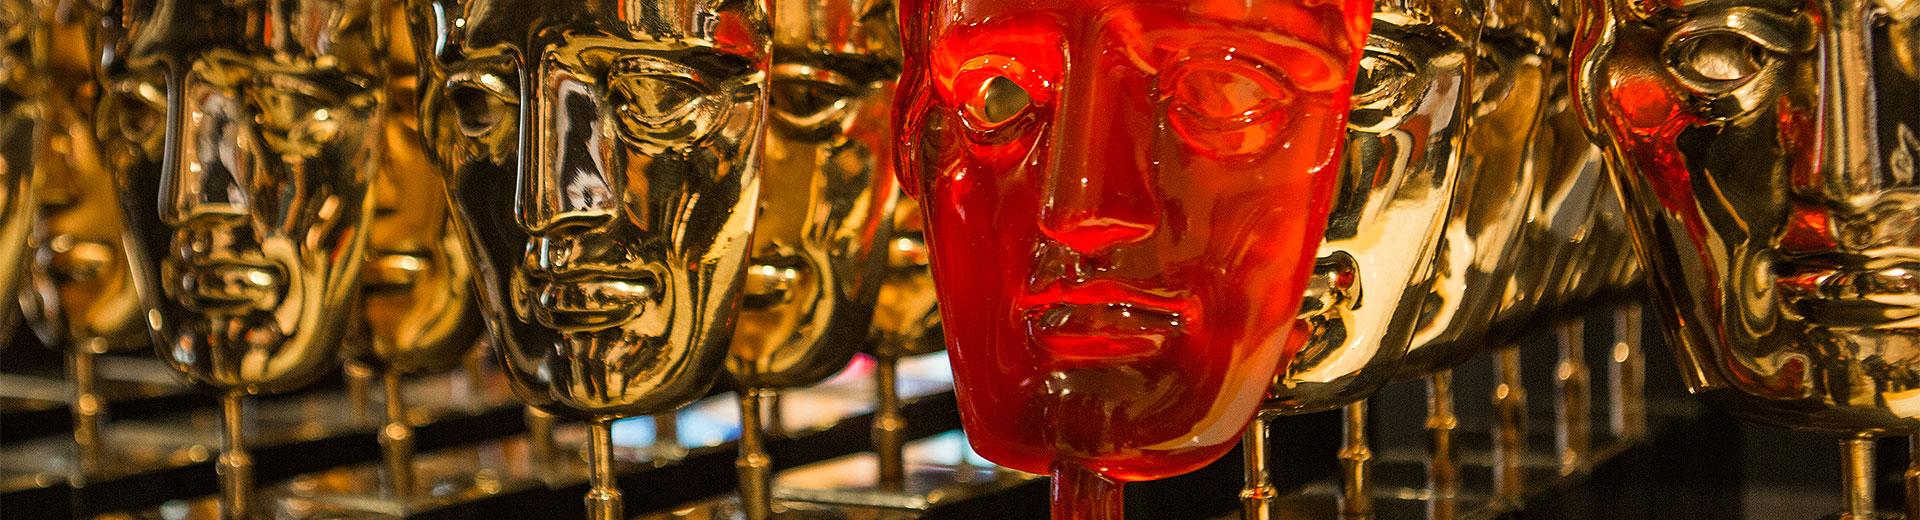 baftas-tv-awards-2017-banner-1920x520.jpg